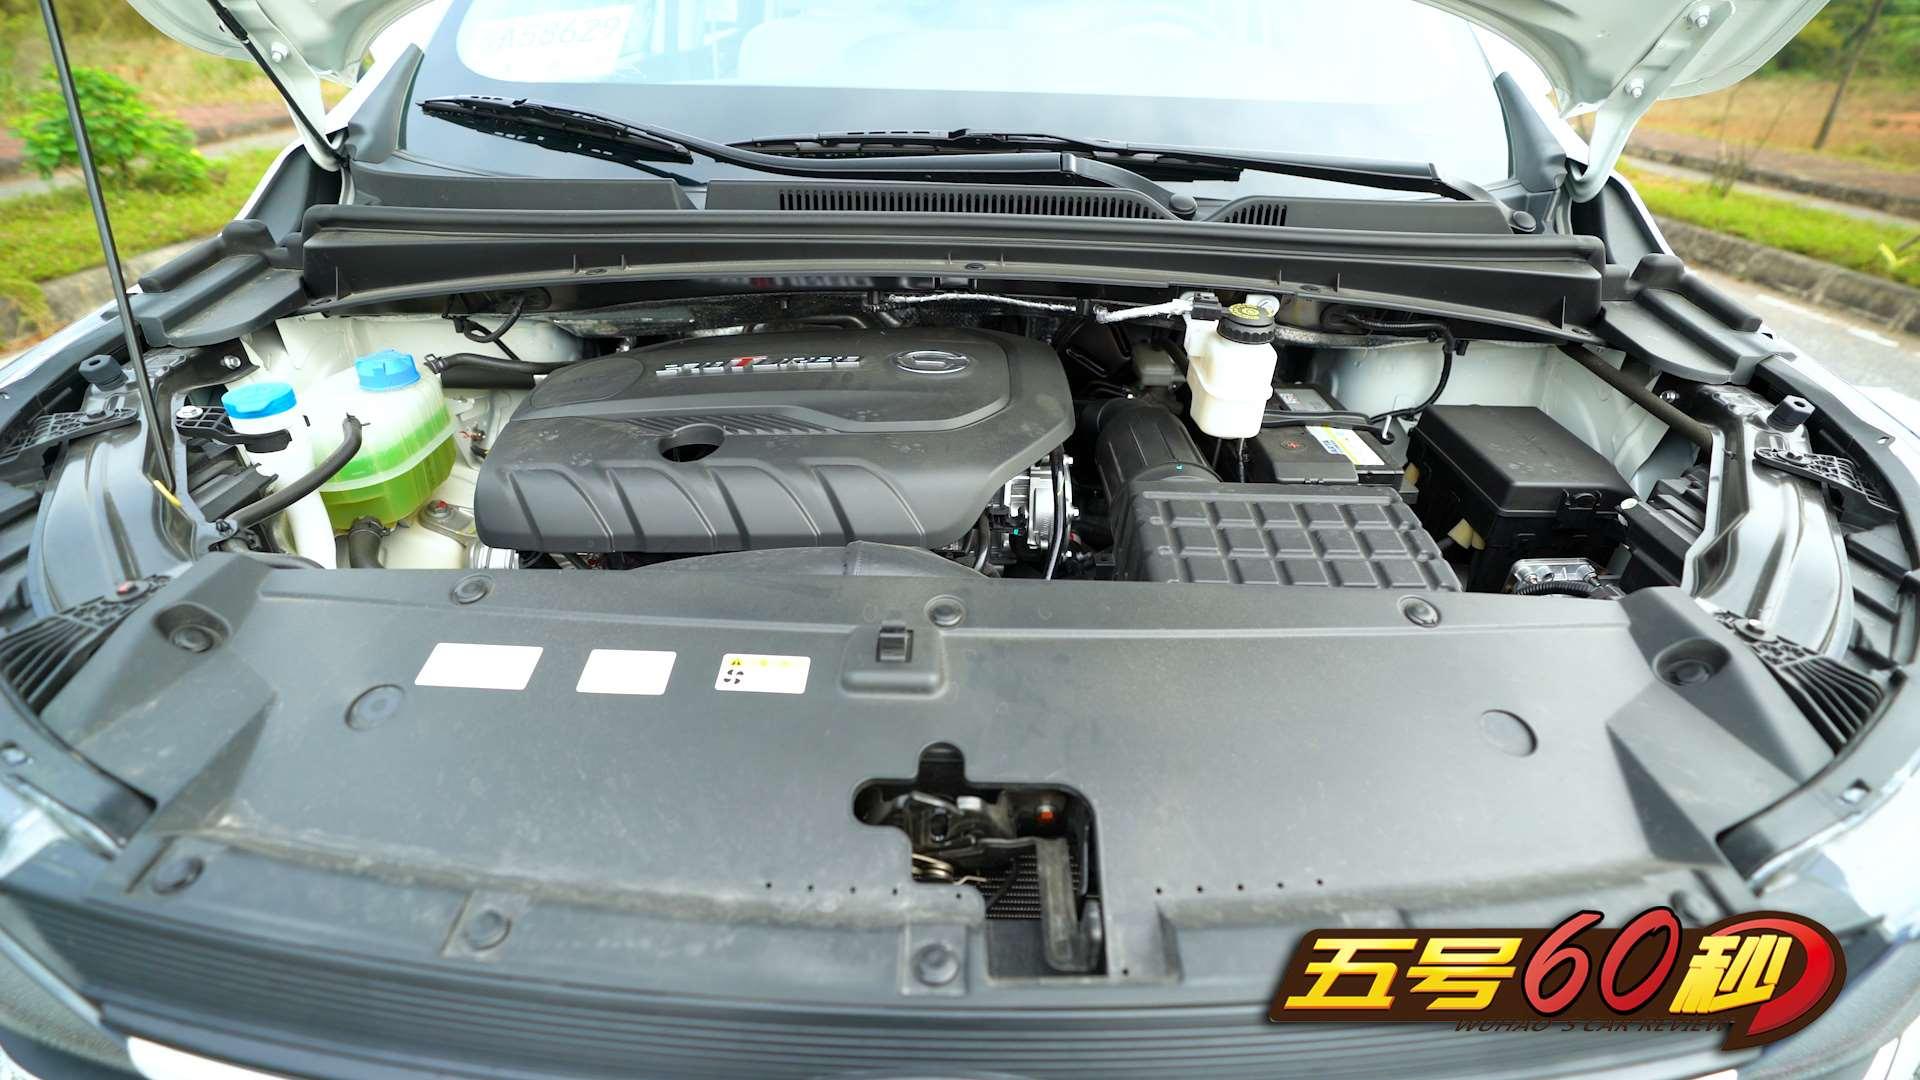 这台国产MPV驾驶起来竟有百公里加速9秒感觉!